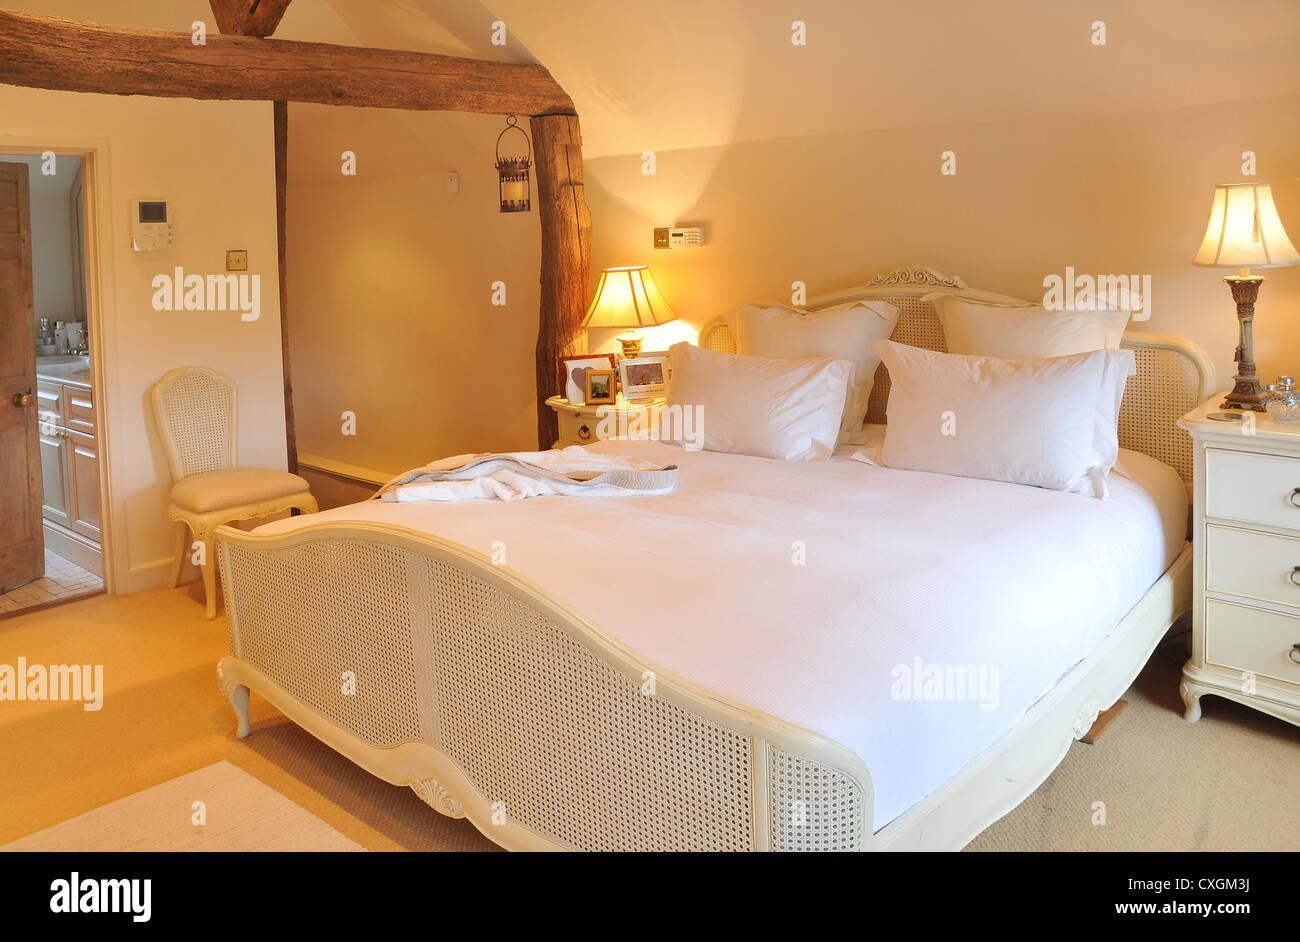 Der Innenraum gestaltet Schlafzimmer von einem englischen Cottage mit Bett, Nachttische, Lampen, Stühle und Stockbild